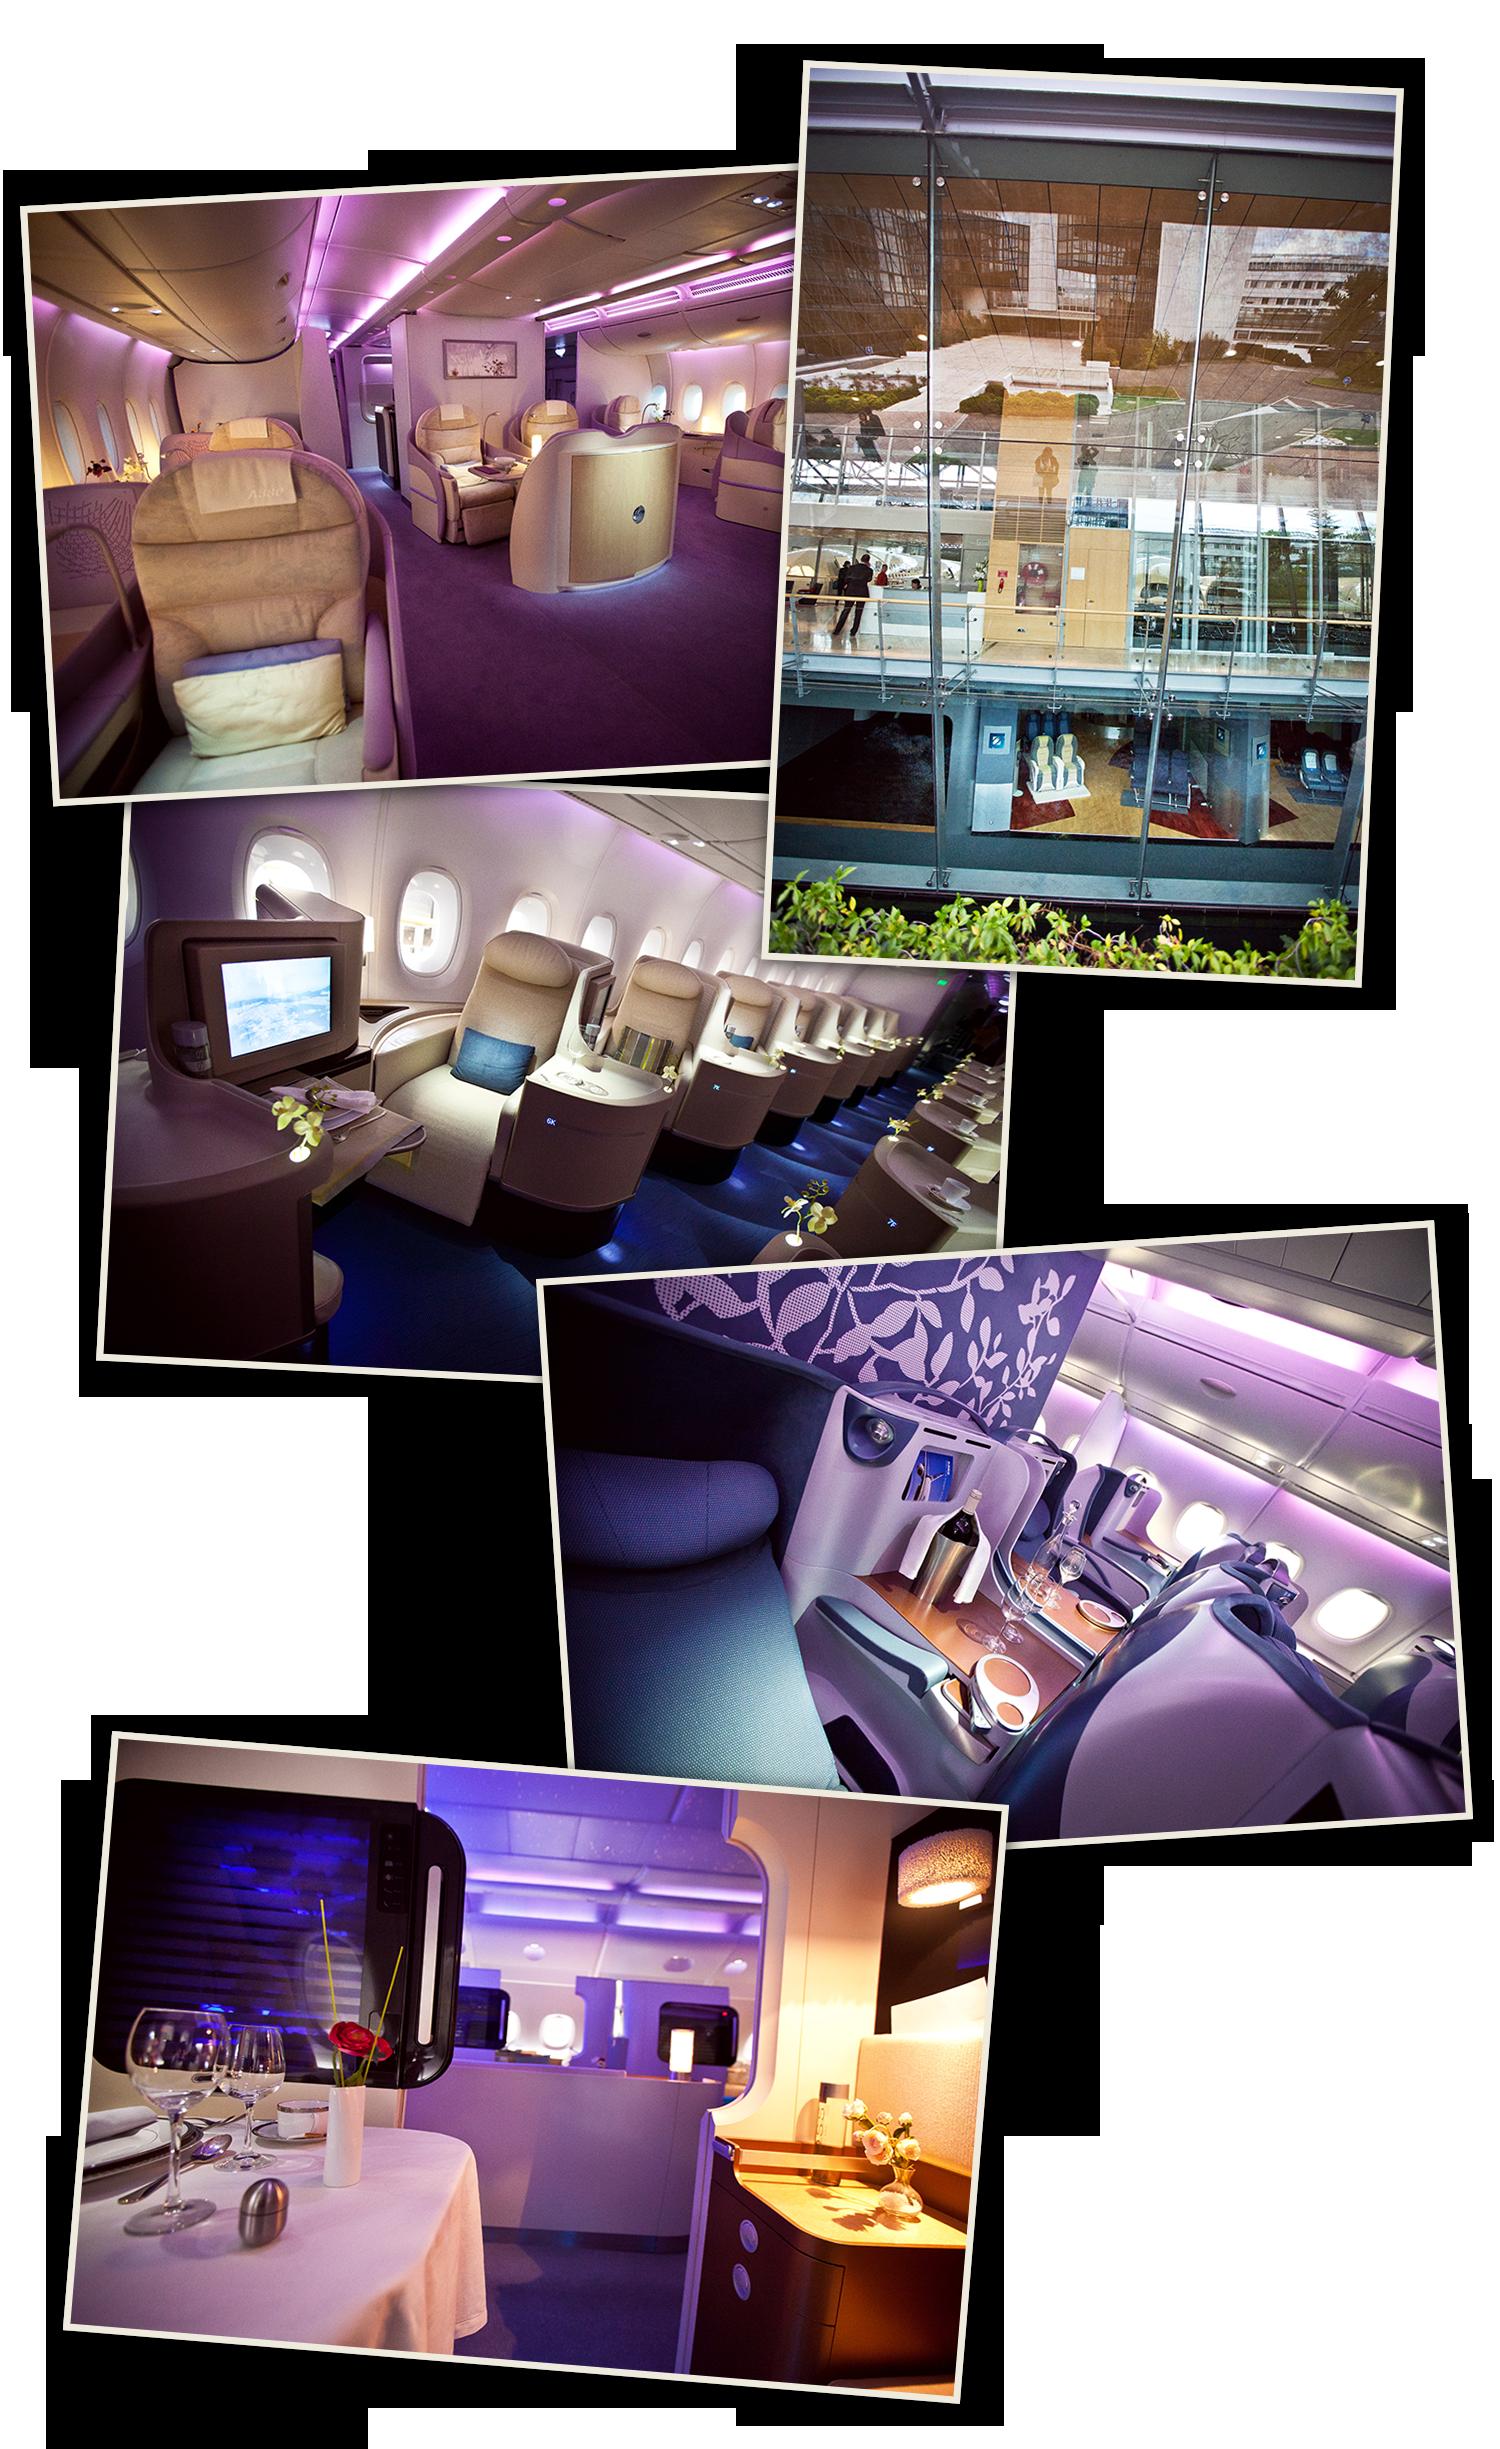 visite-airbus_05